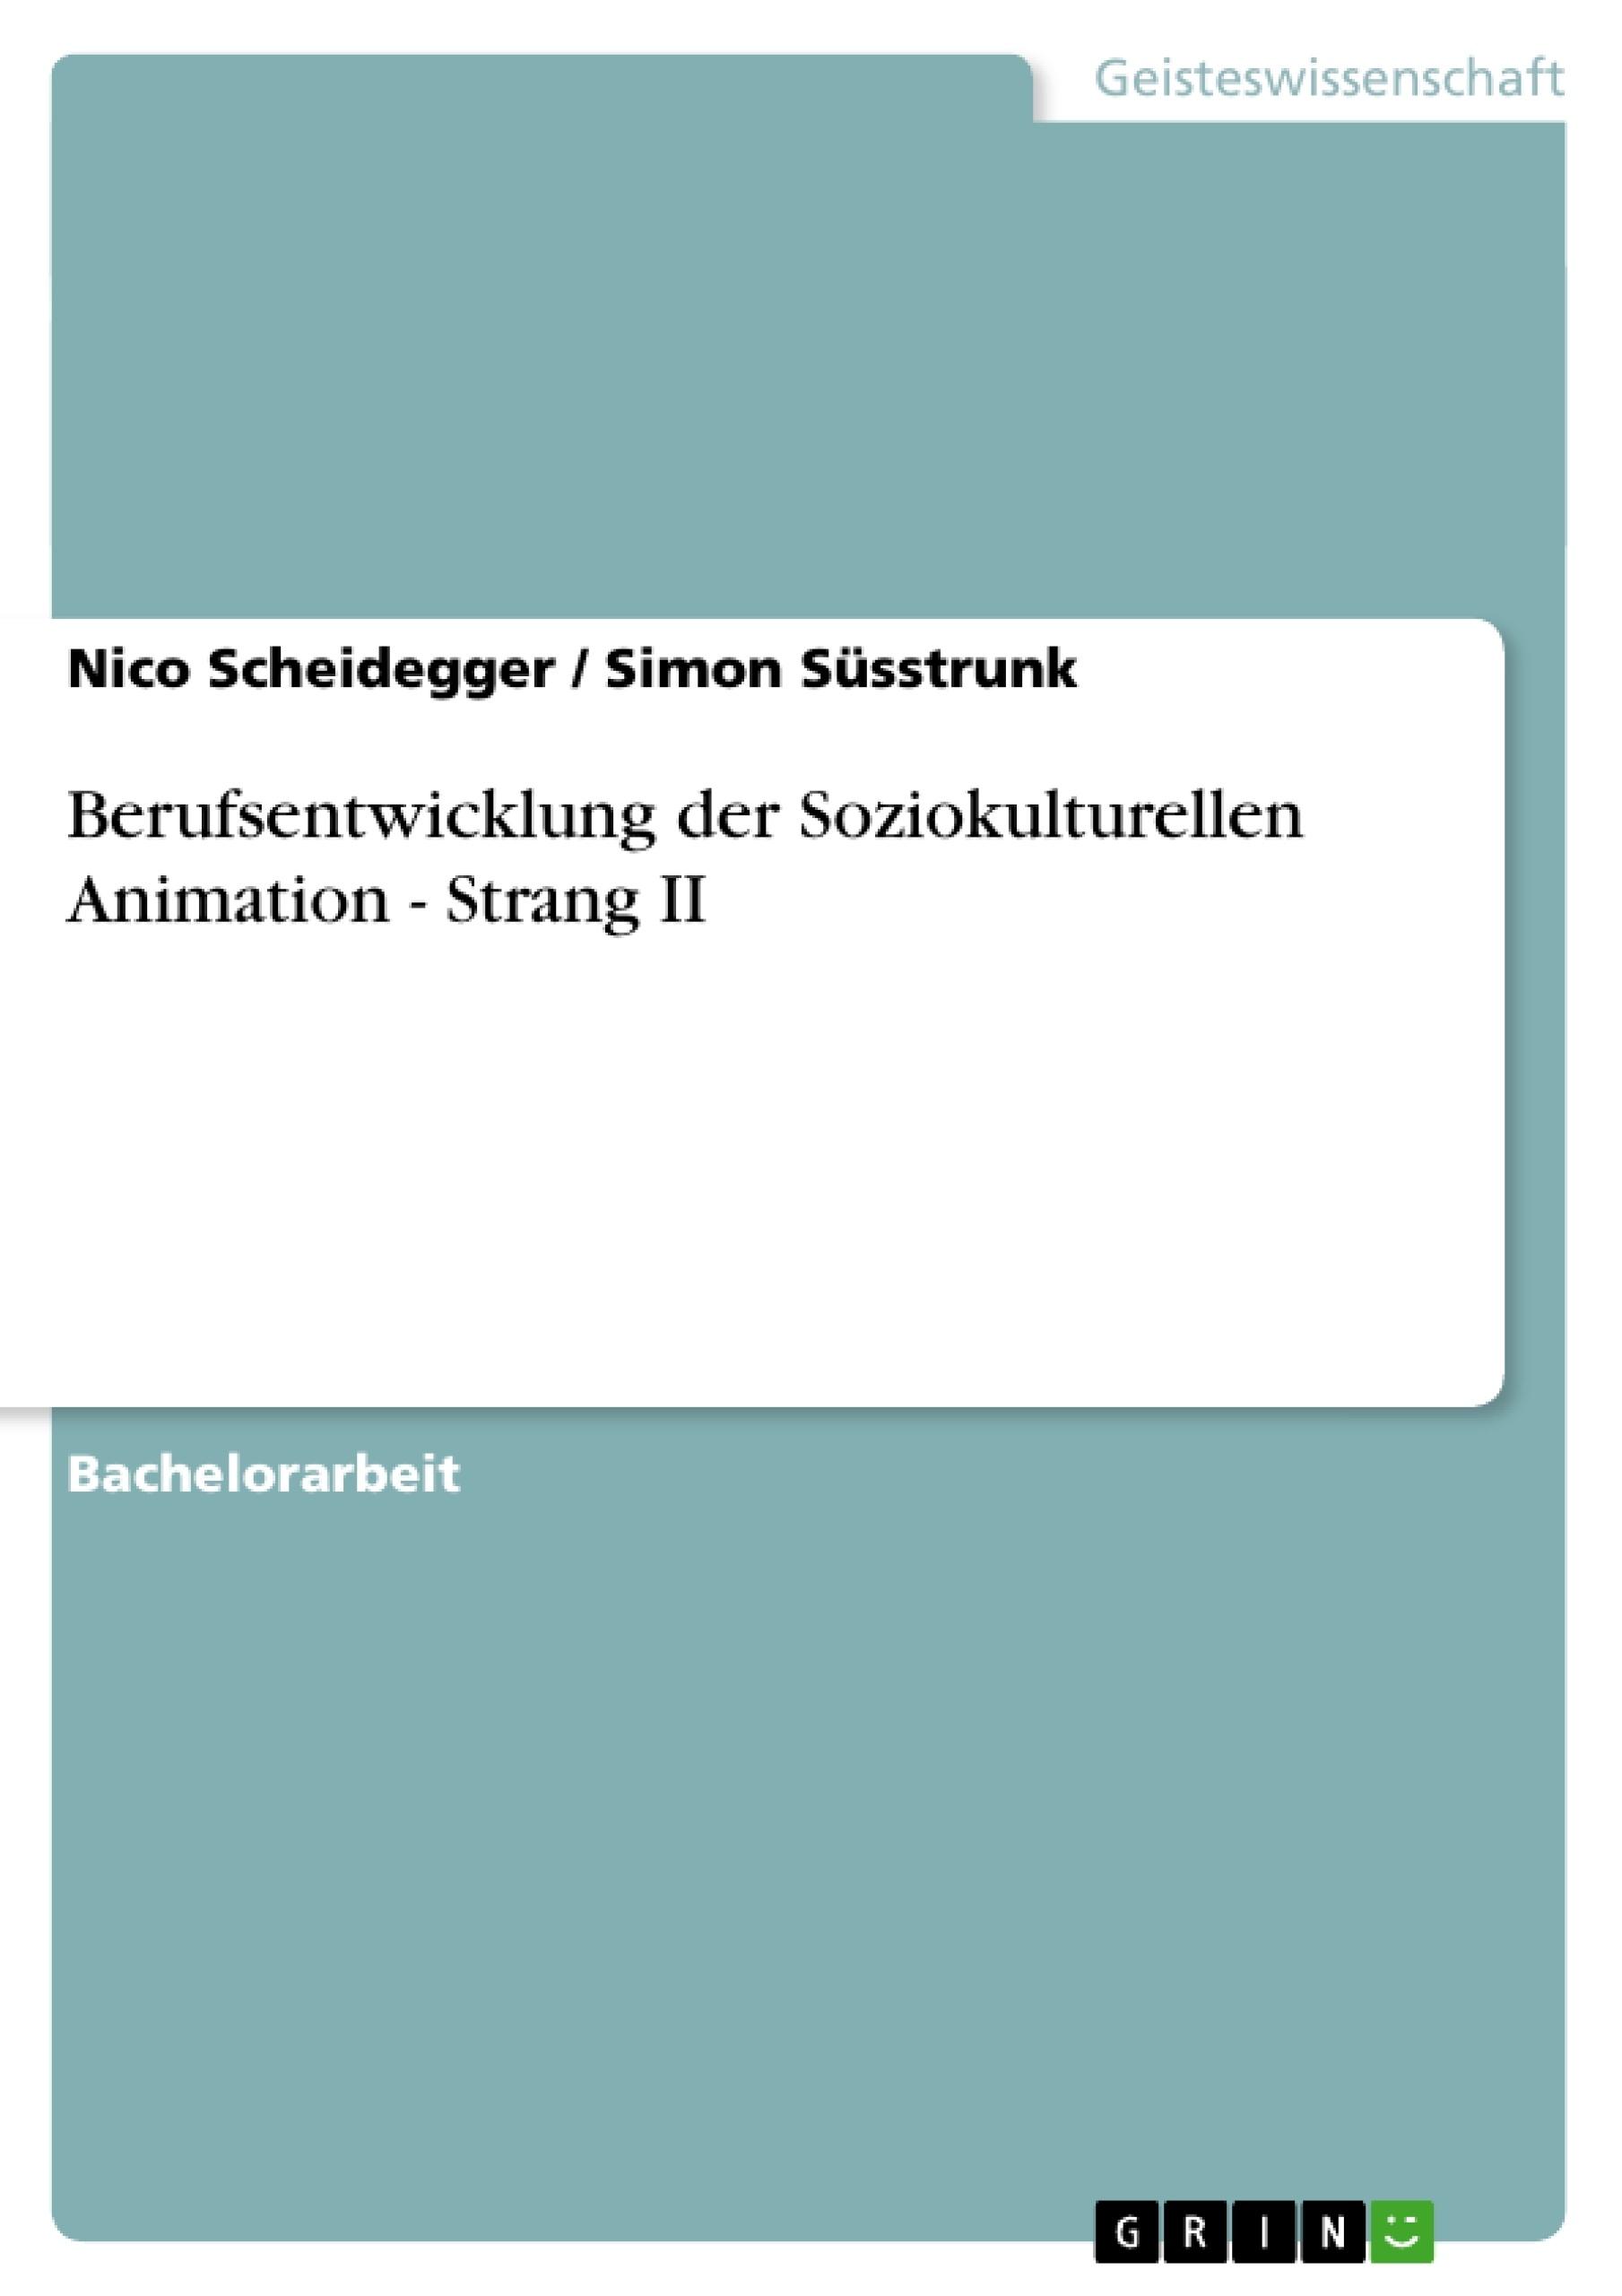 Titel: Berufsentwicklung der Soziokulturellen Animation - Strang II